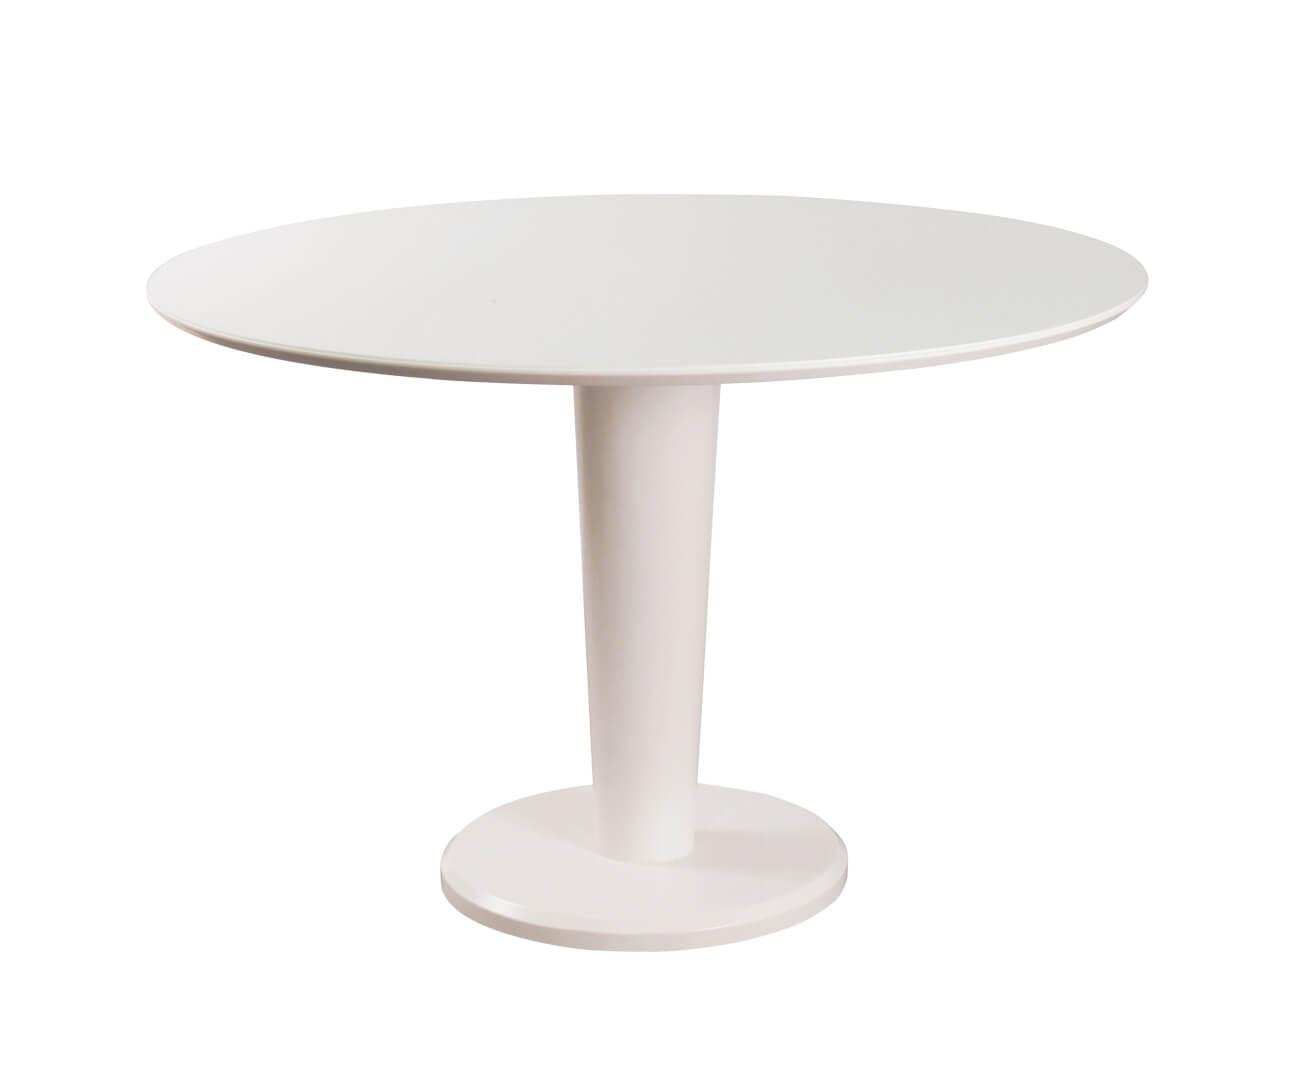 mesa de jantar redonda branca cloud 0168